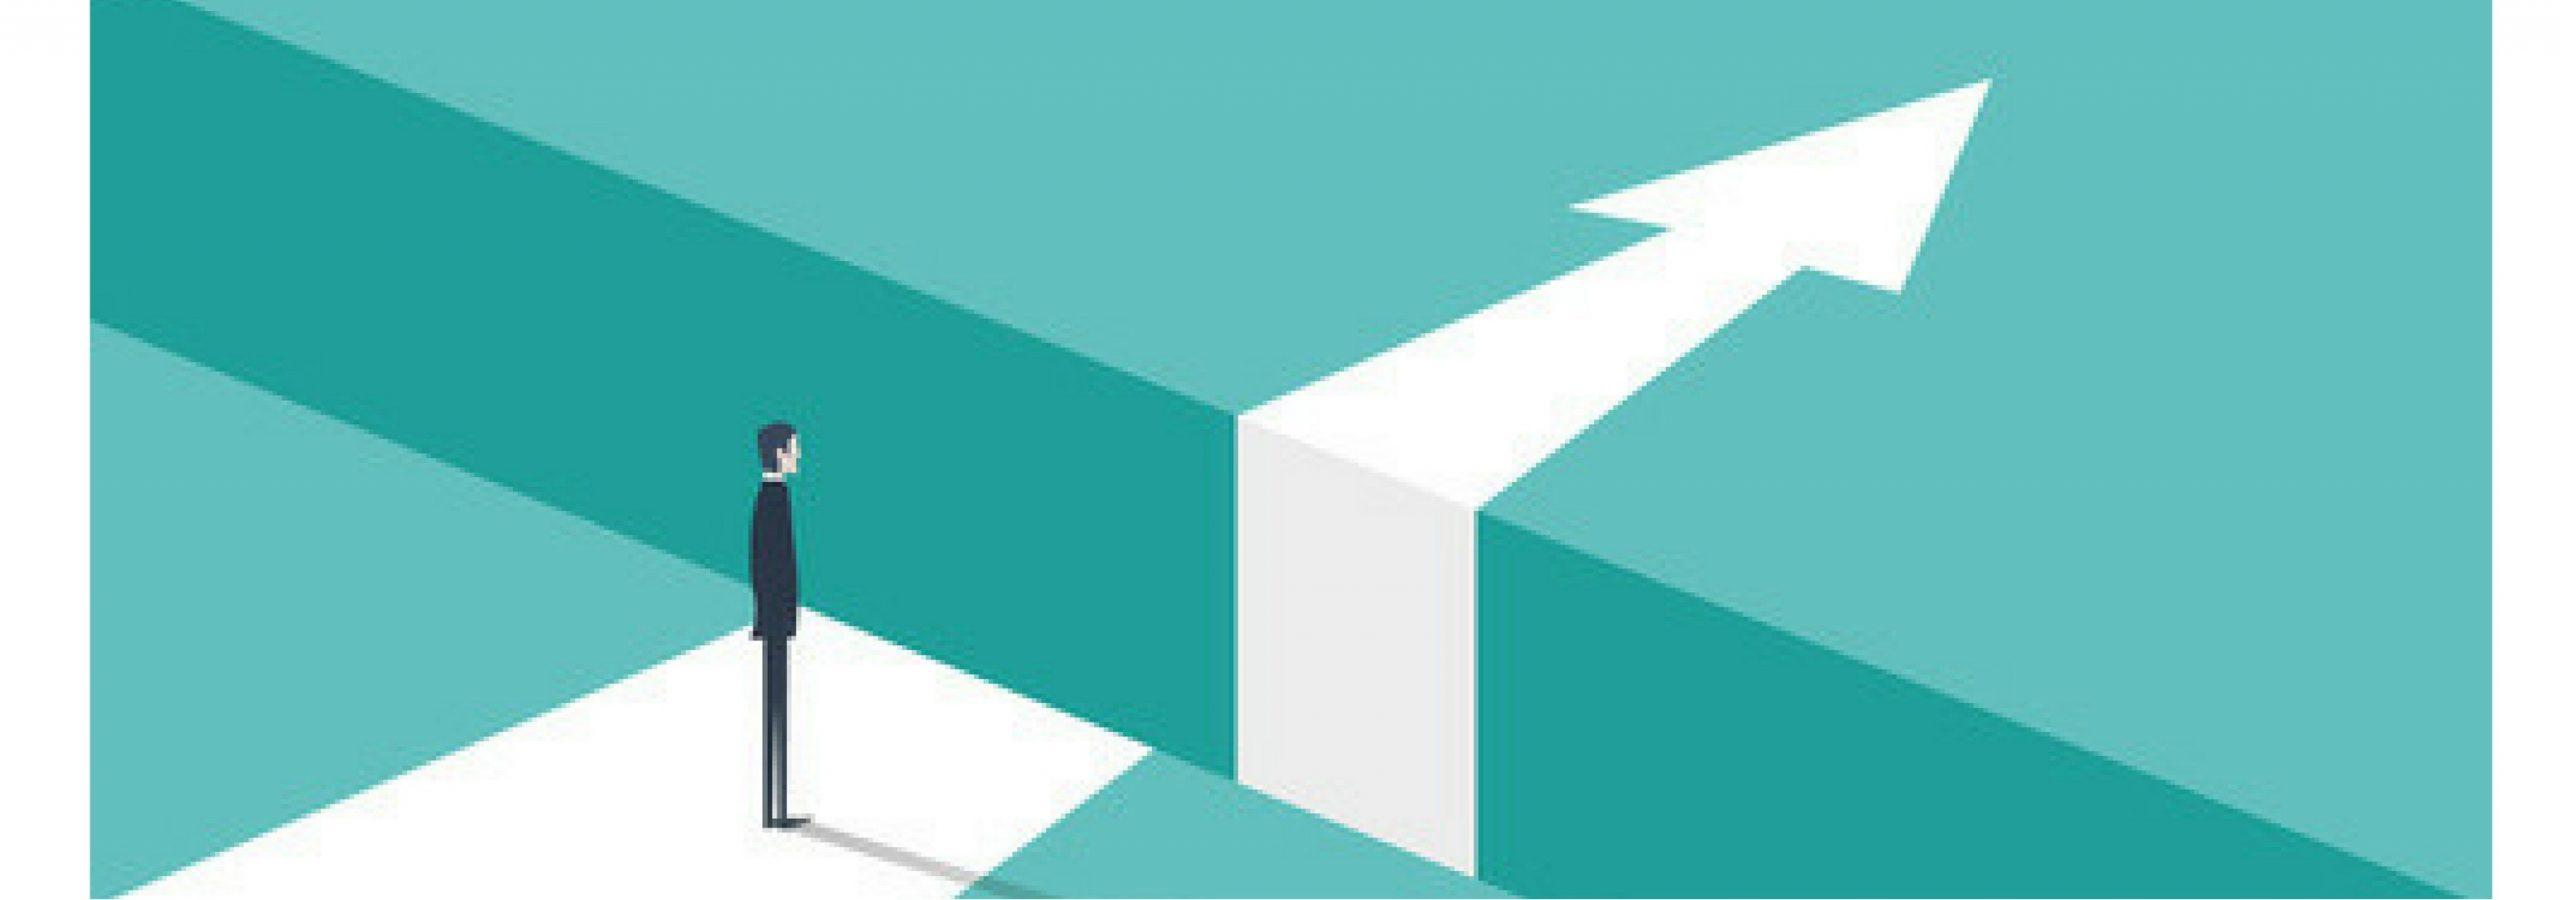 Overcoming Top 10 Challenges In Enterprise Application Development Wisdmlabs